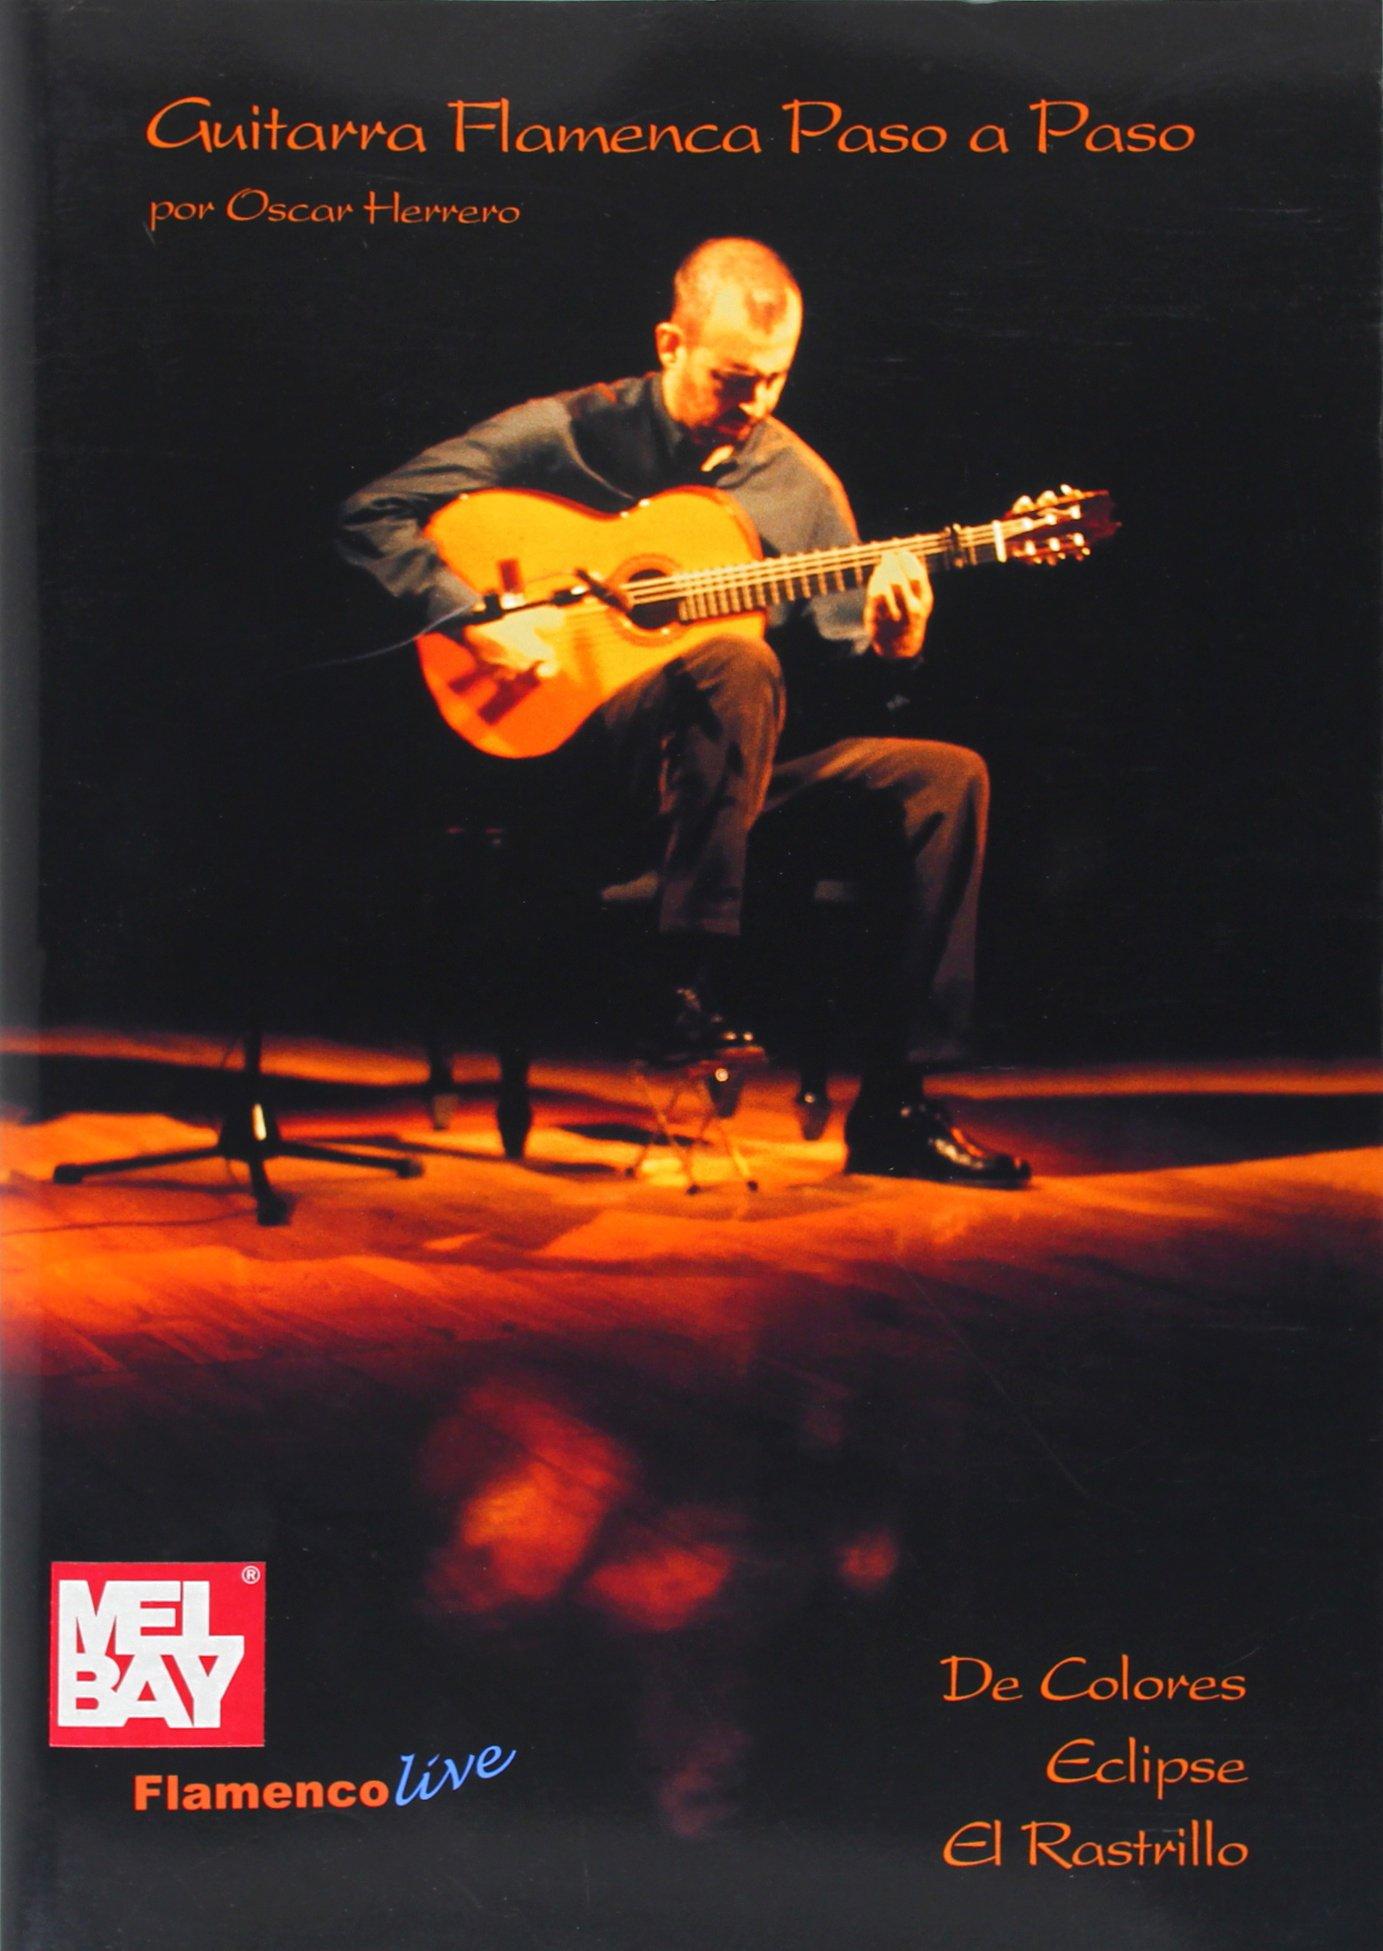 Guitarra Flamenco Paso A Paso: de Colores Eclipse el Rastrillo ...